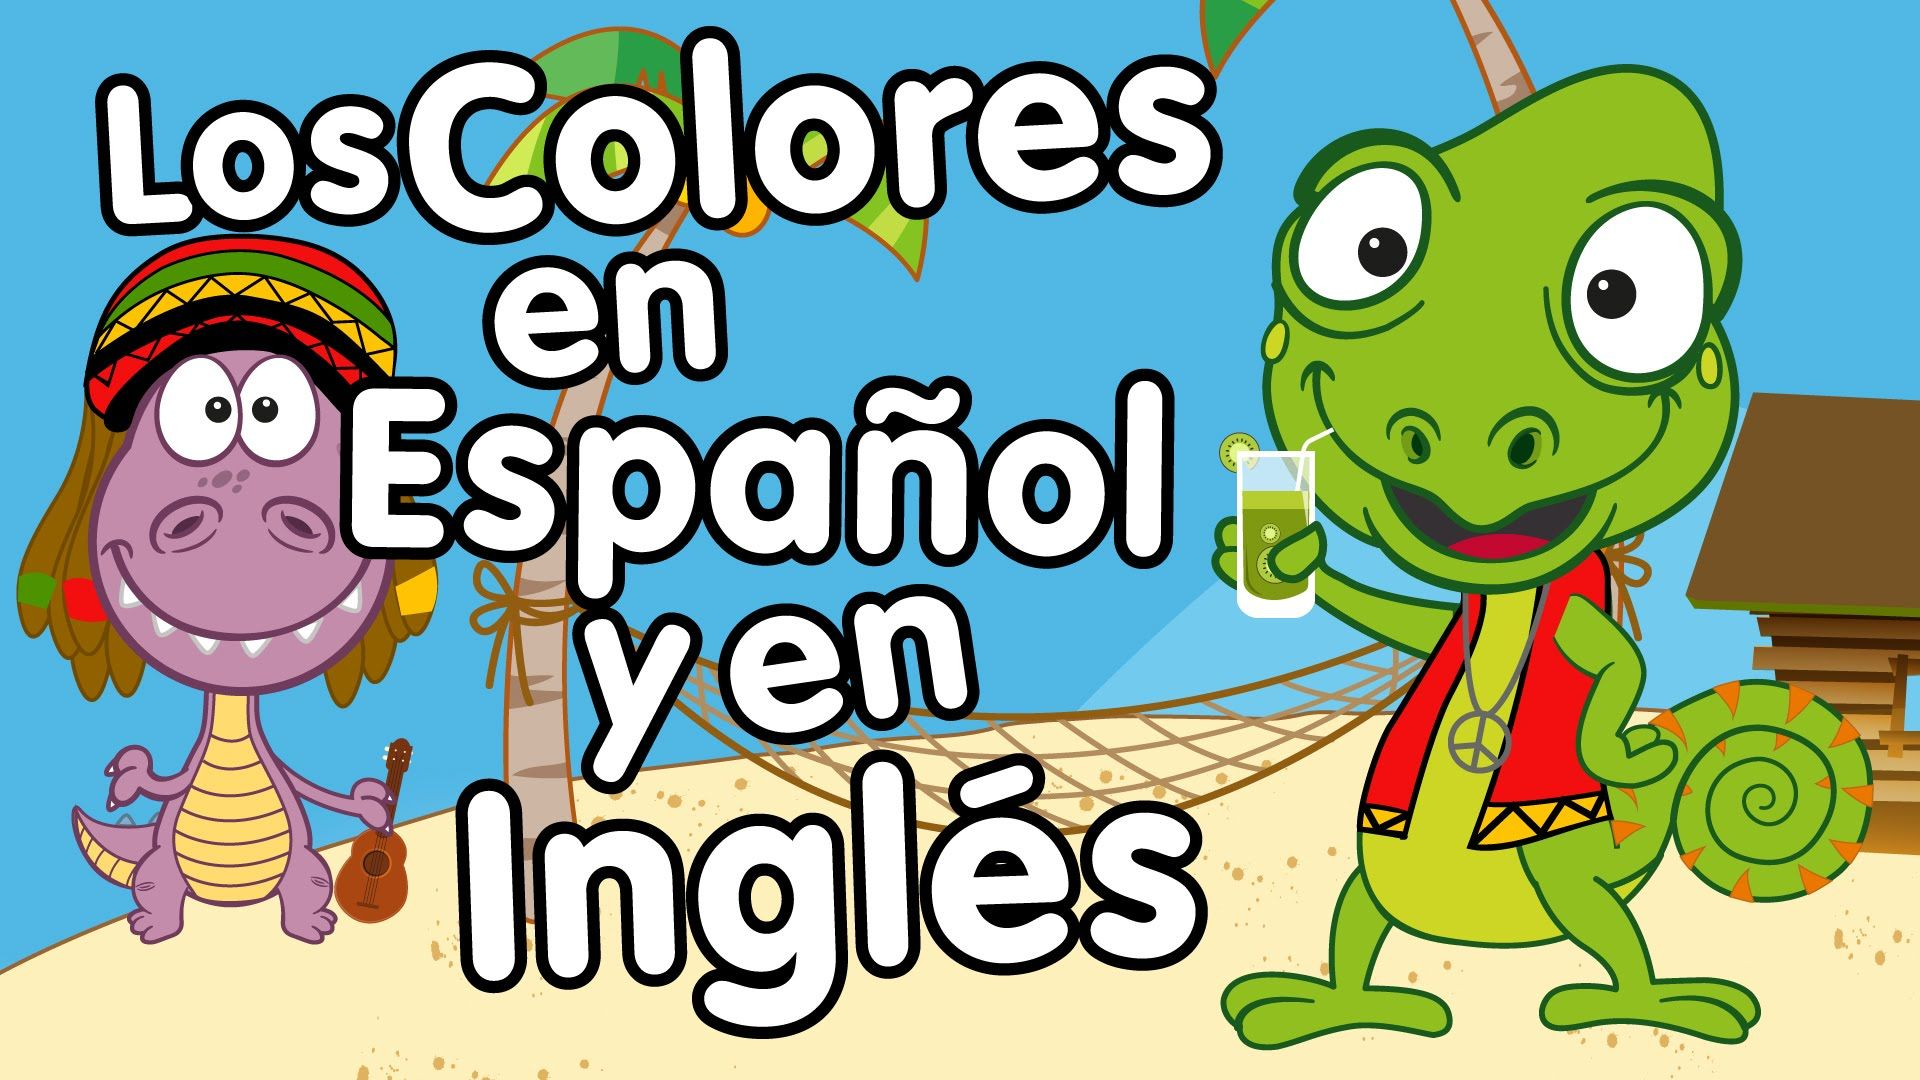 Los Colores en Inglés y Español - Canción para niños - Songs for Kids in...